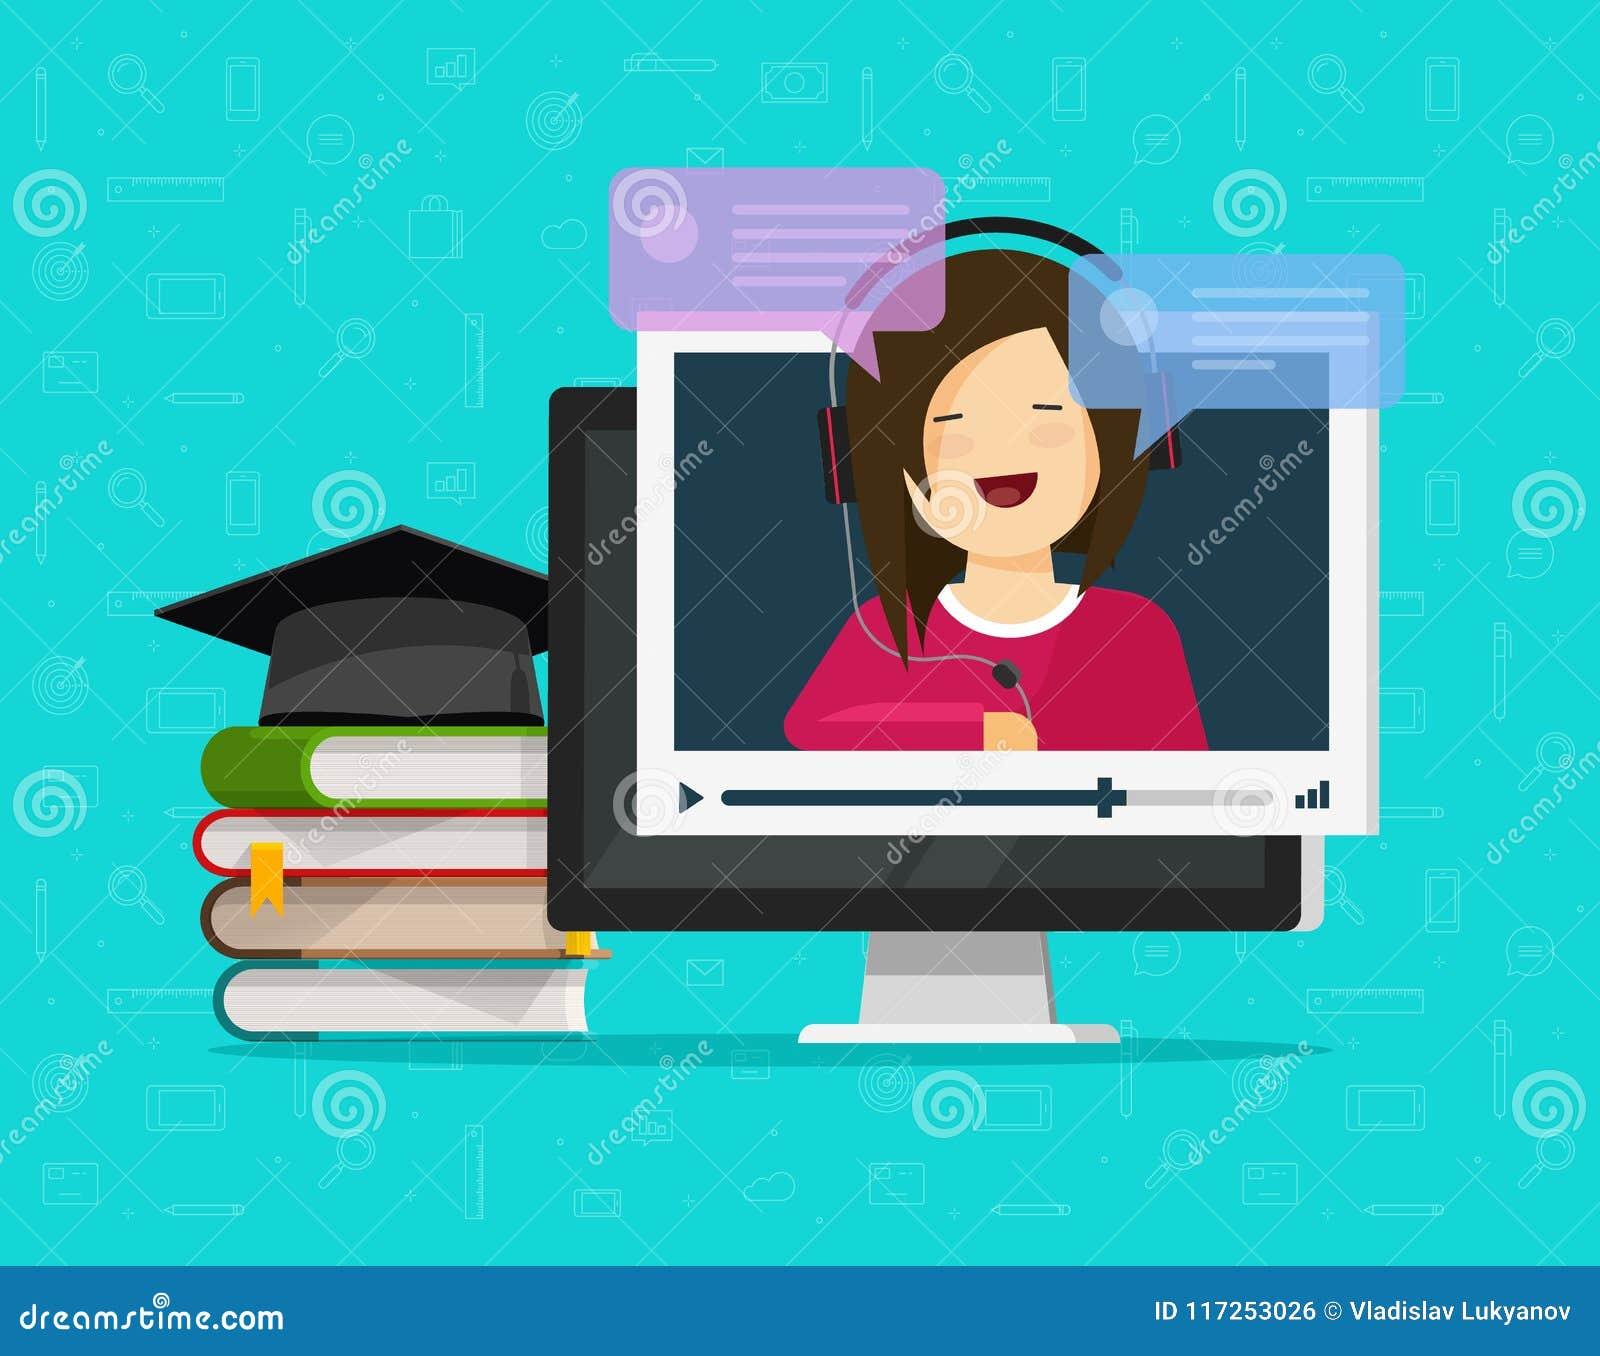 Διανυσματική απεικόνιση Webinar, επίπεδος υπολογιστής κινούμενων σχεδίων που προσέχει την τηλεοπτική σε απευθείας σύνδεση κατάρτι